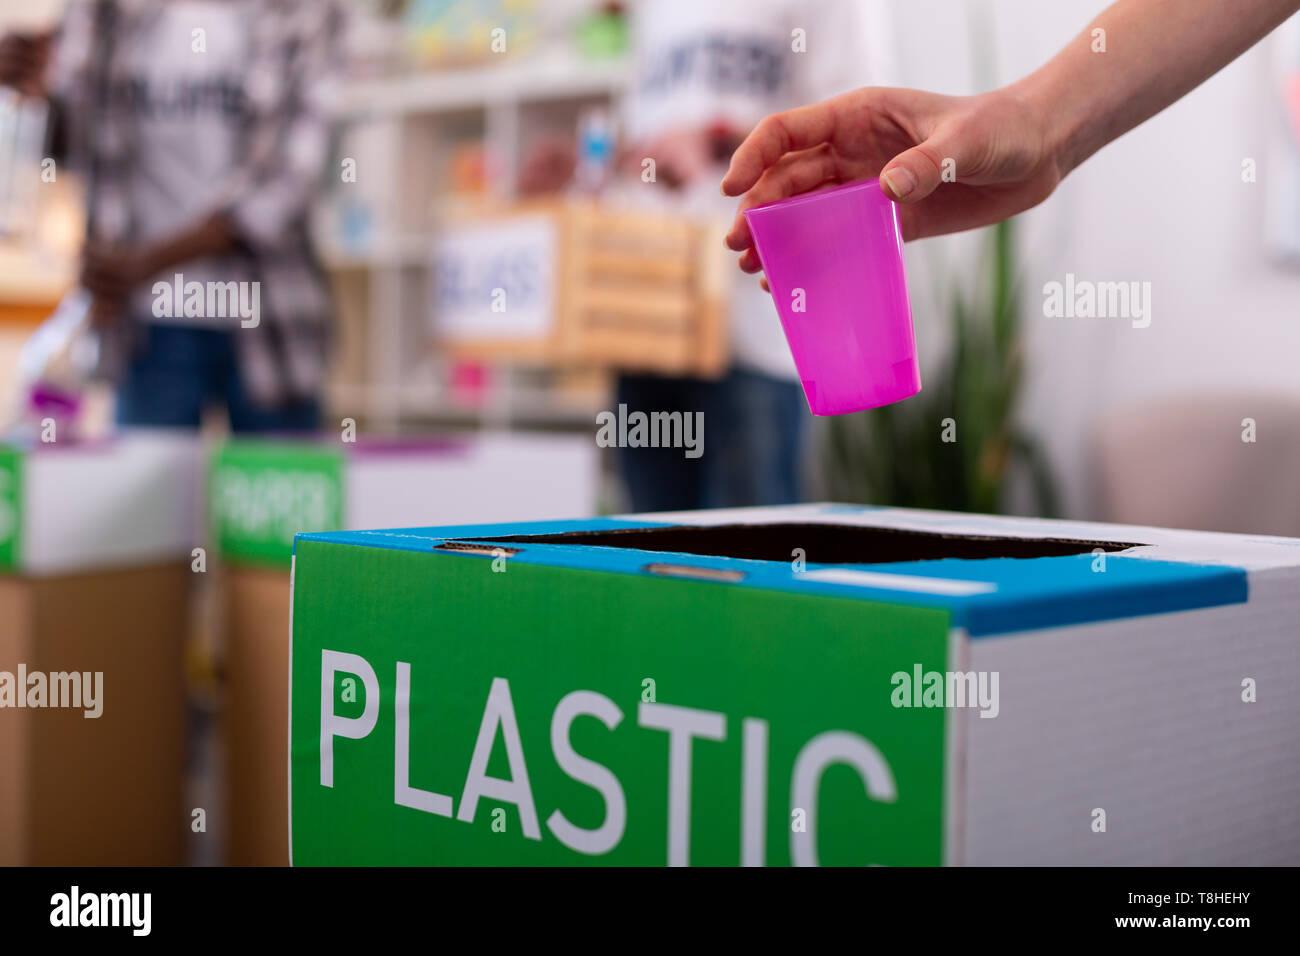 Chica colocando cristal rosado en el cuadro de clasificación de los residuos de plástico Foto de stock